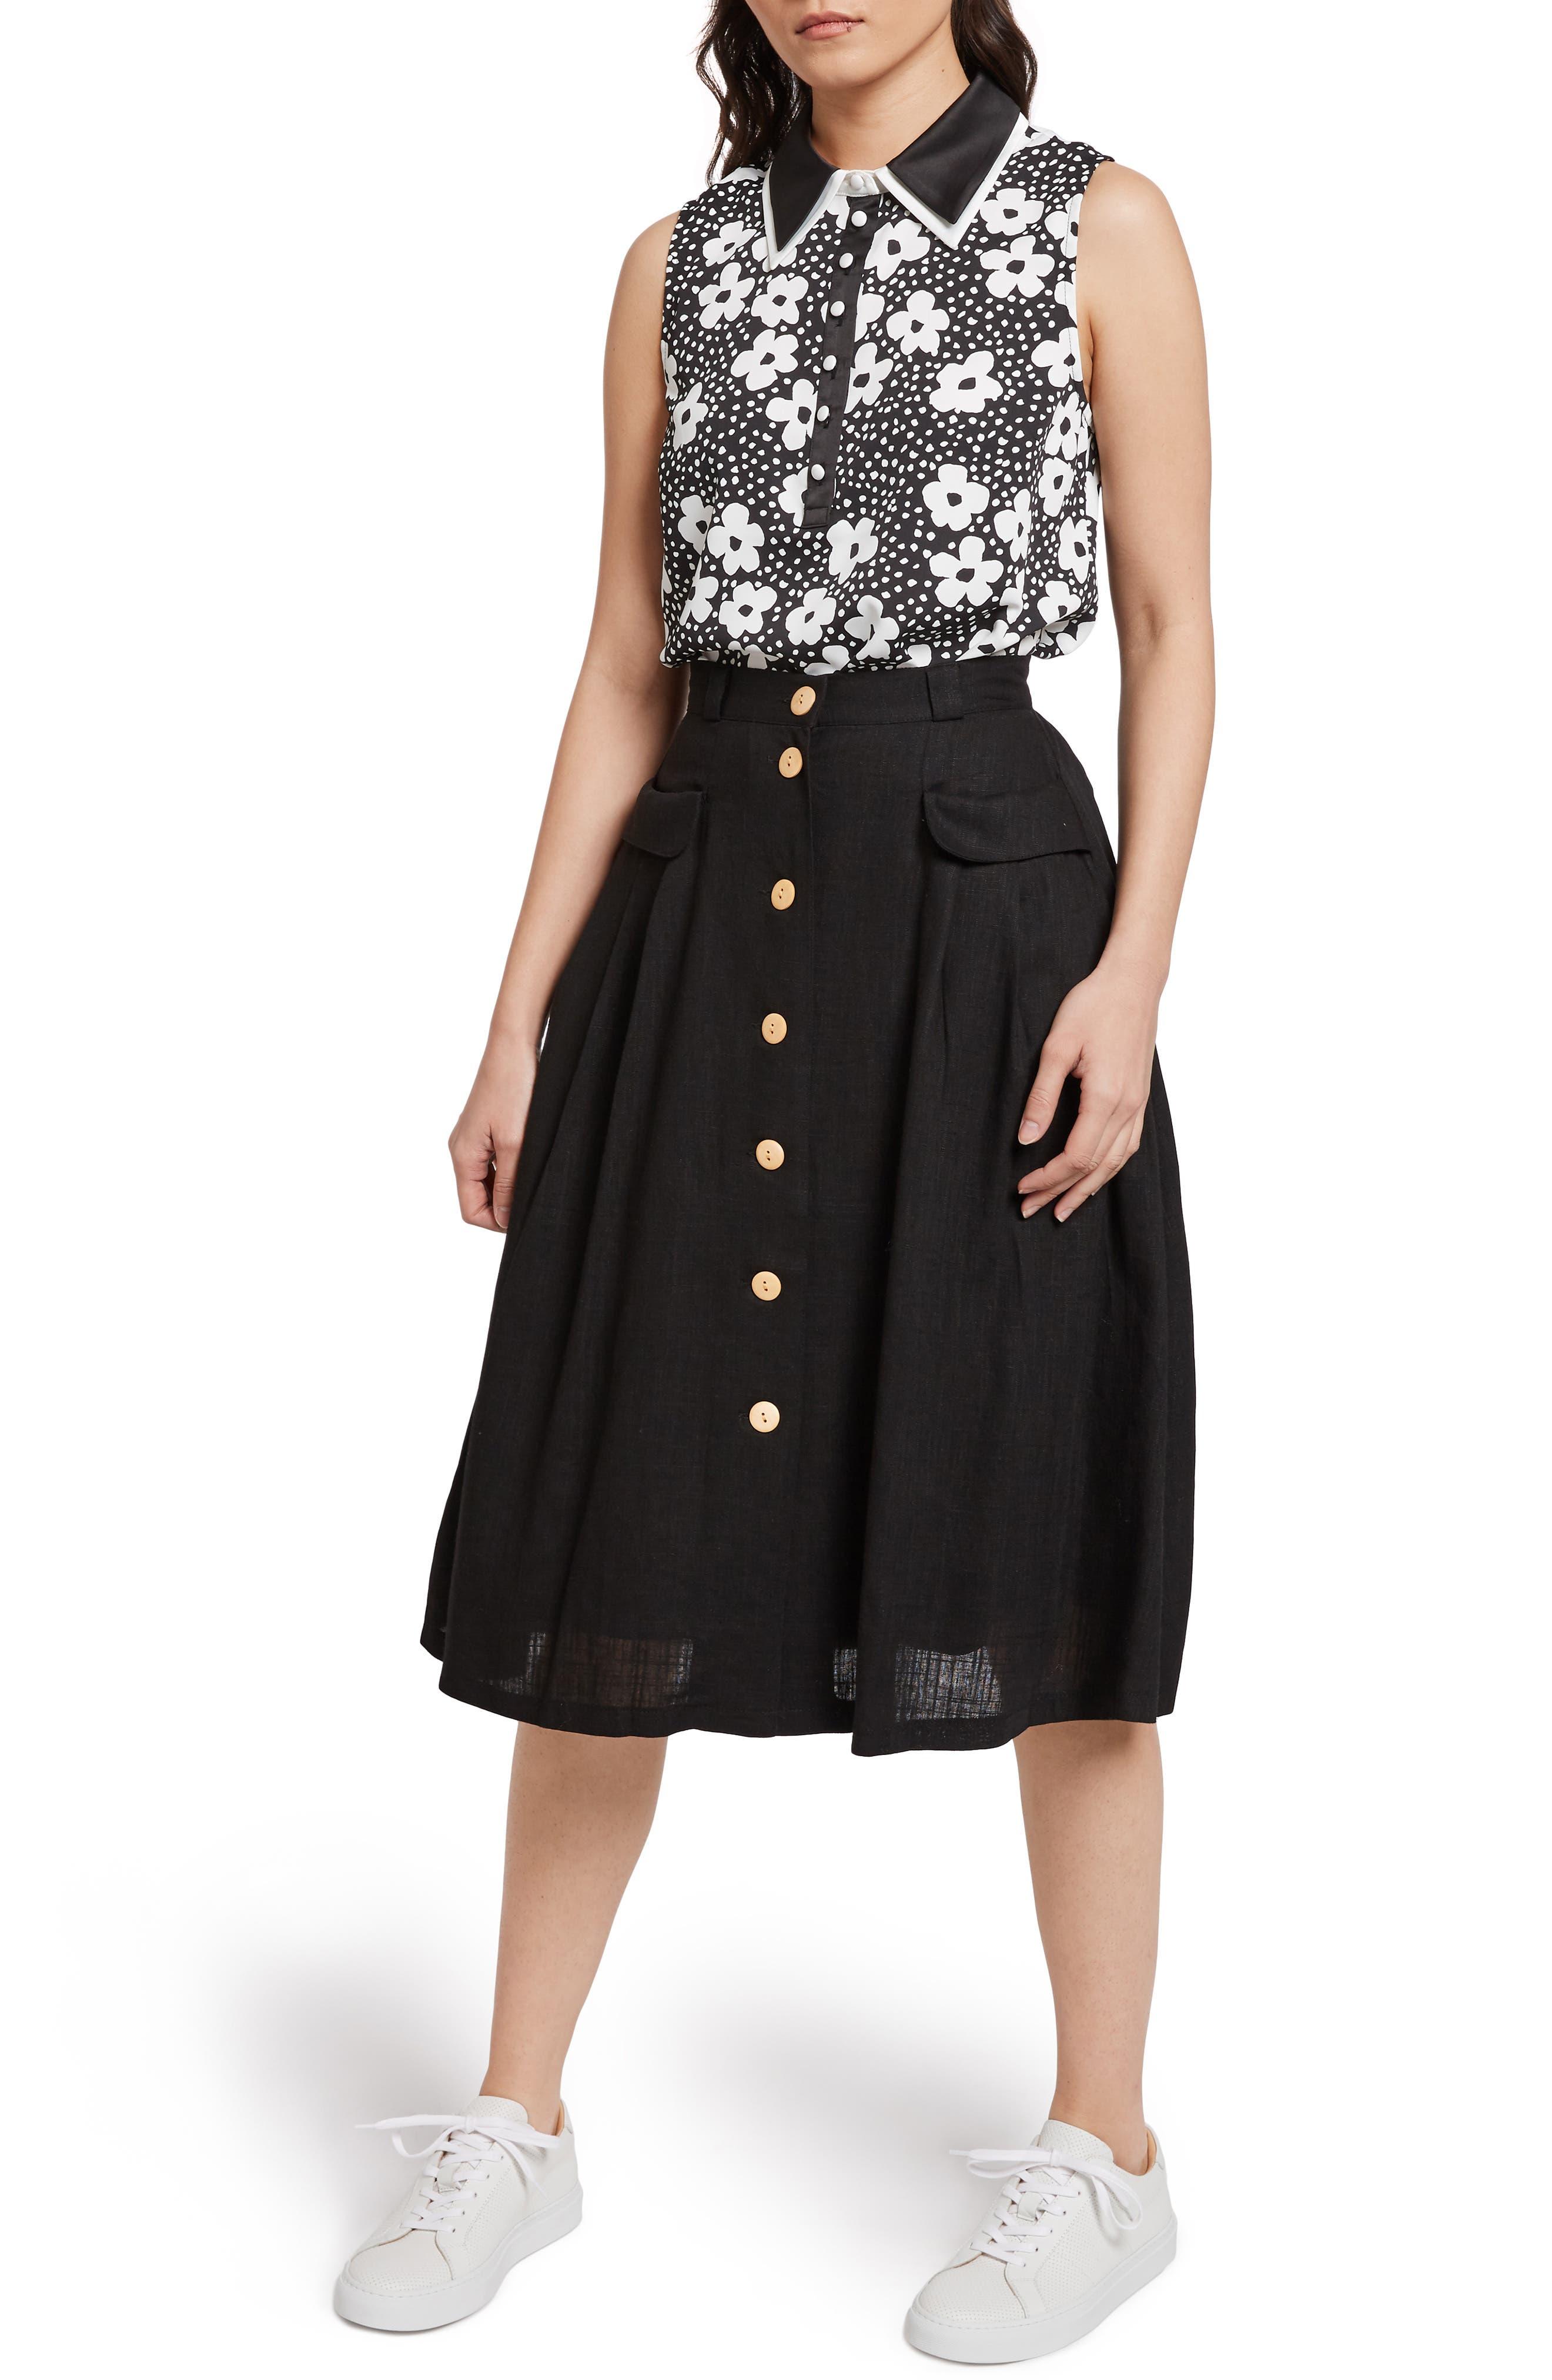 MODCLOTH,                             Pleat Midi Skirt,                             Alternate thumbnail 6, color,                             BLACK